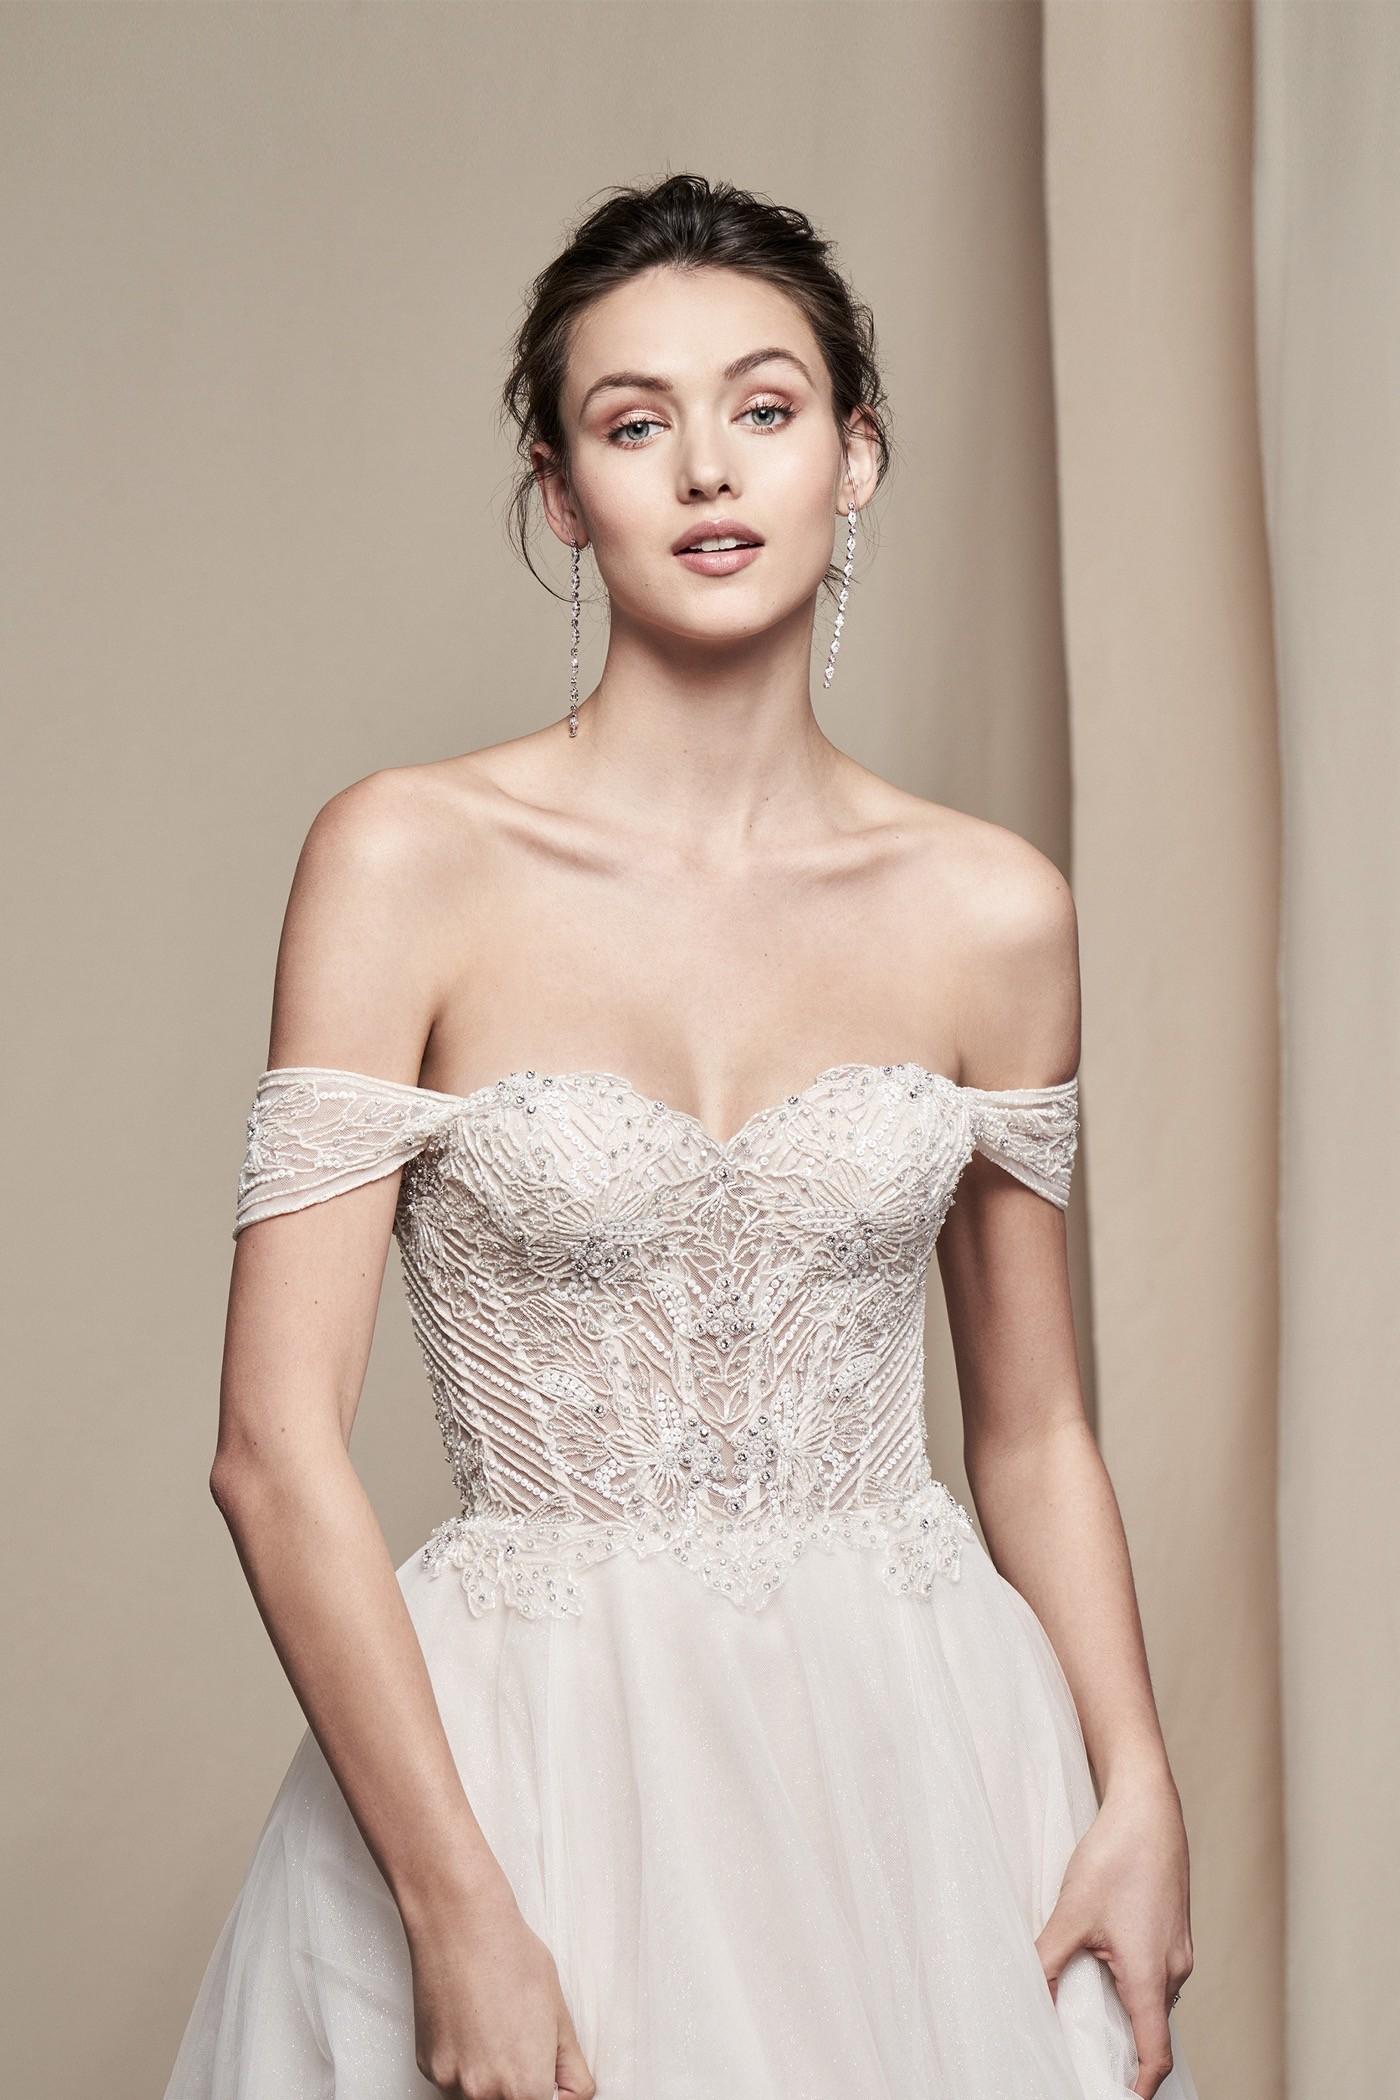 Schulterfreies Brautkleid im Prinzess-Stil mit Sweetheart-Ausschnitt und Offshoulder-Ärmeln von Justin Alexander Signature, Modell 99101 Aster